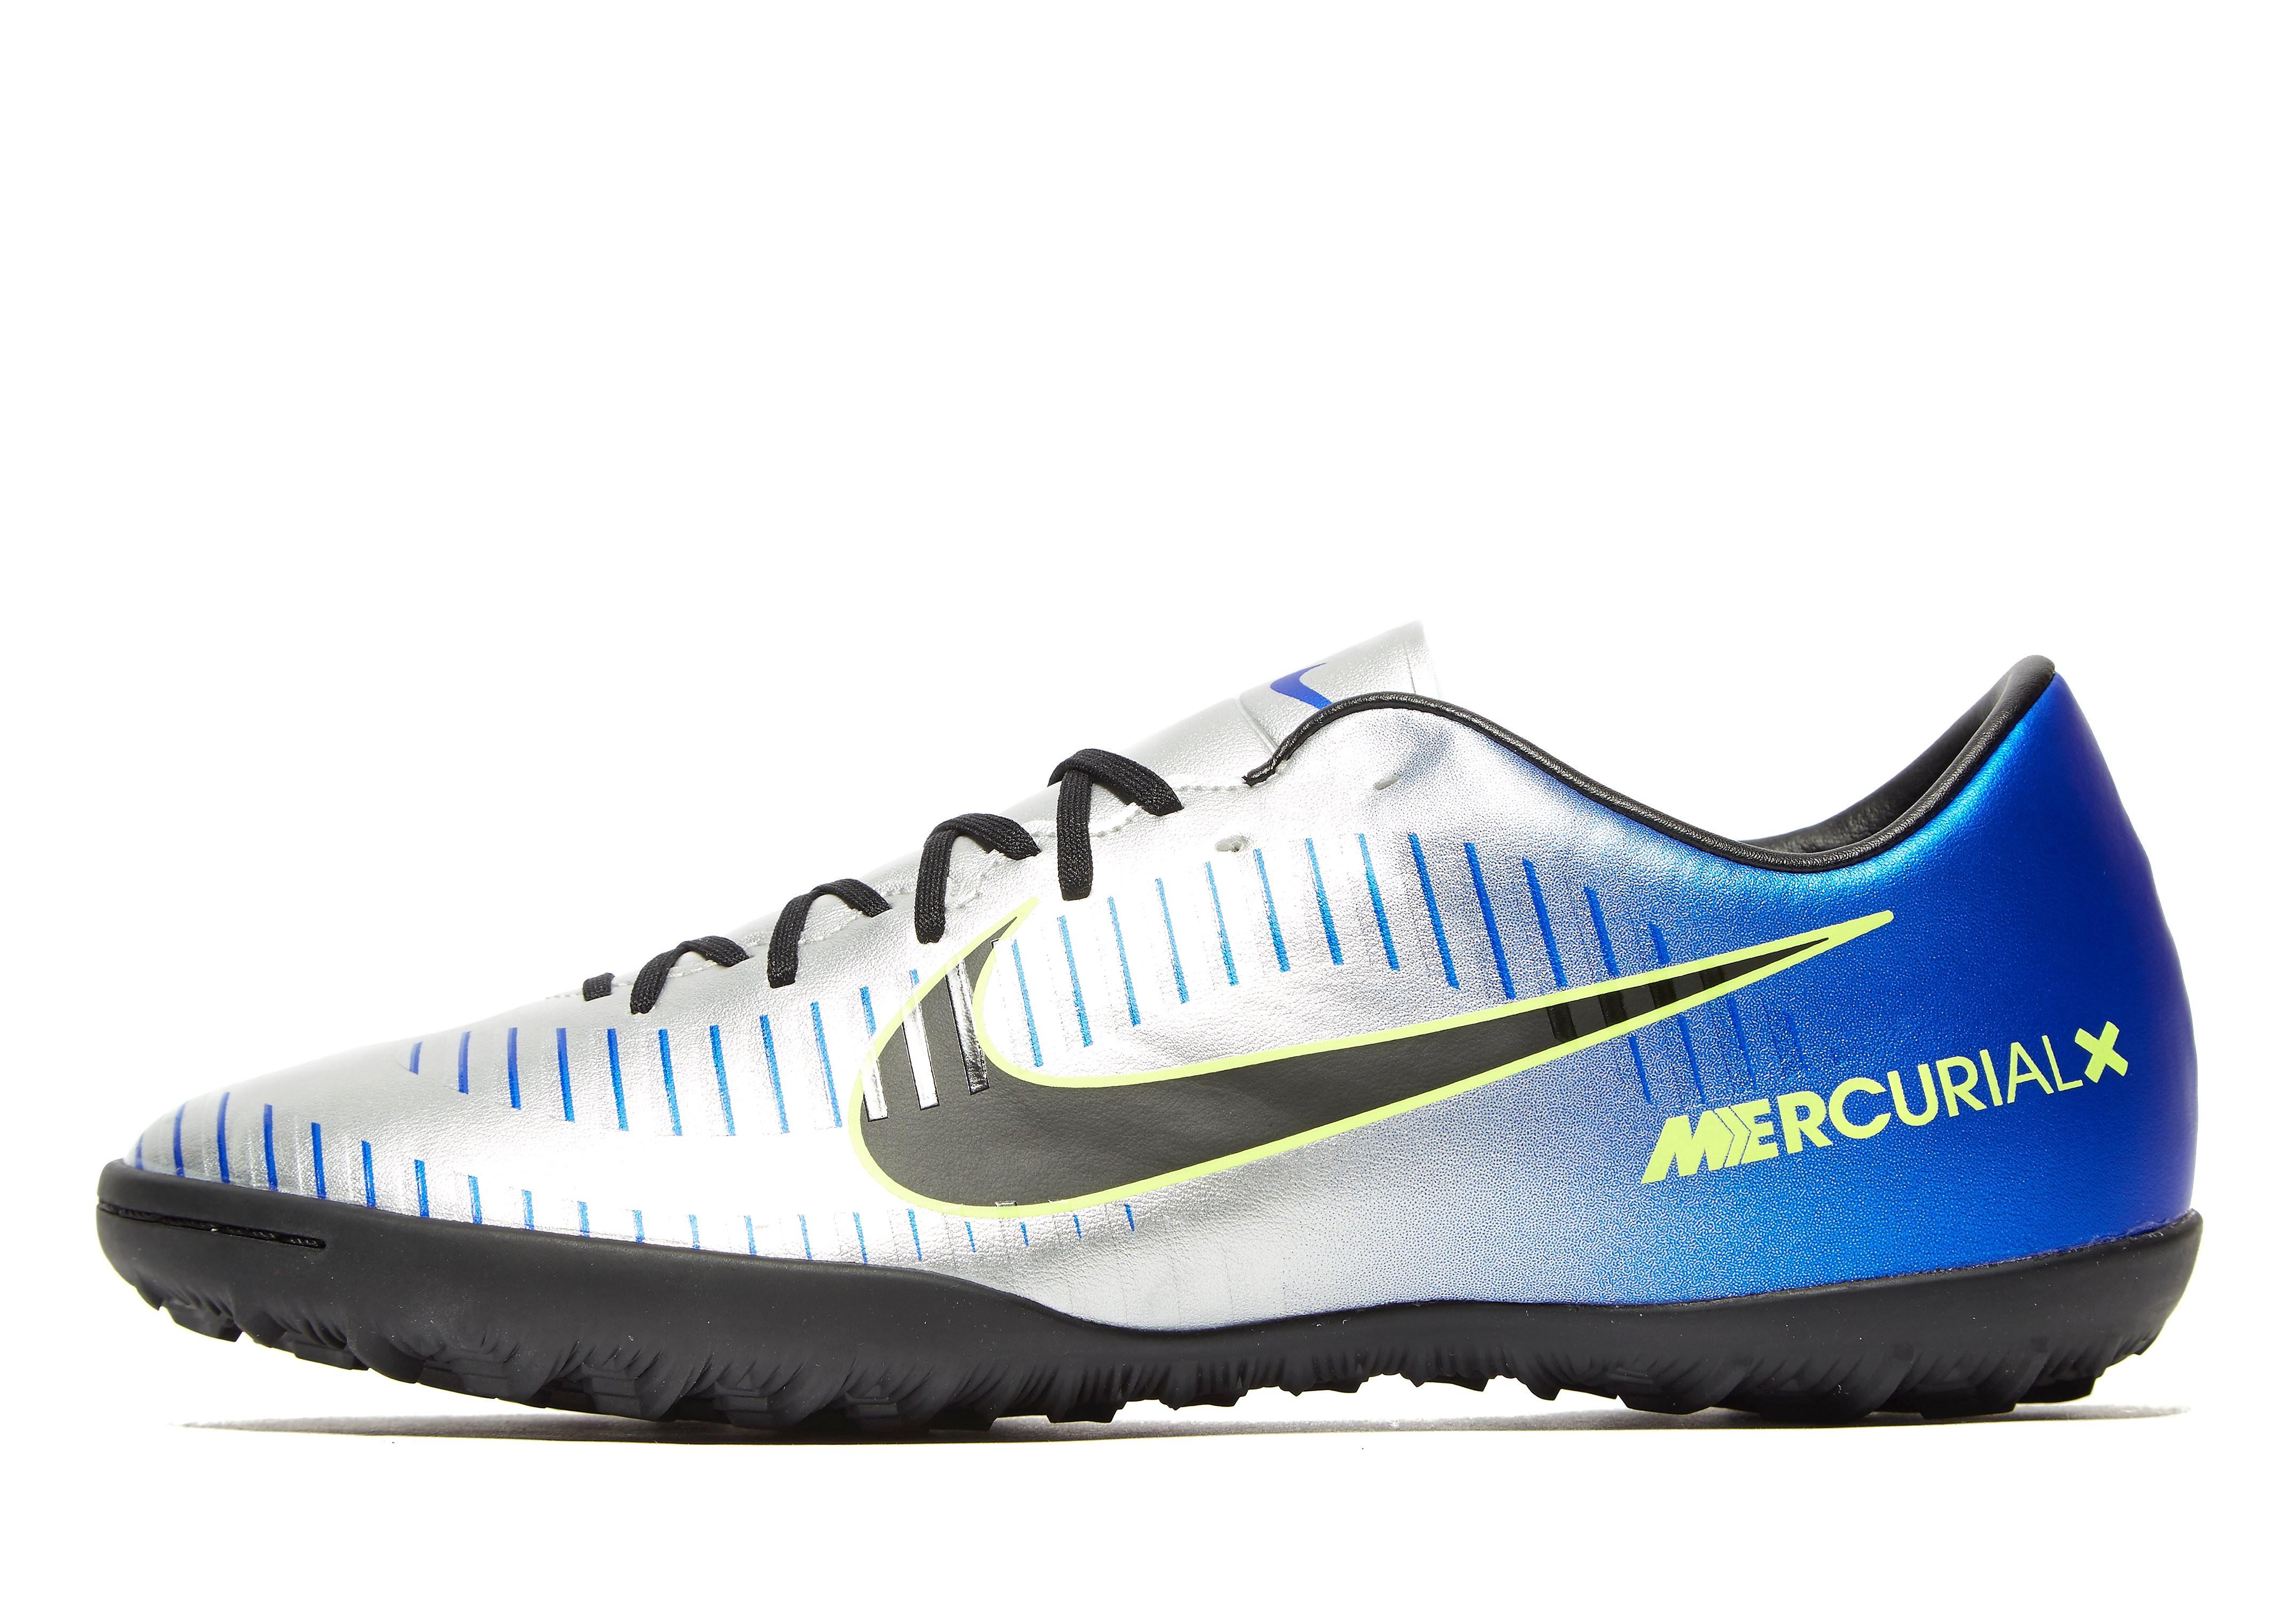 Nike Neymar Jr Mercurial Victory VI Turf